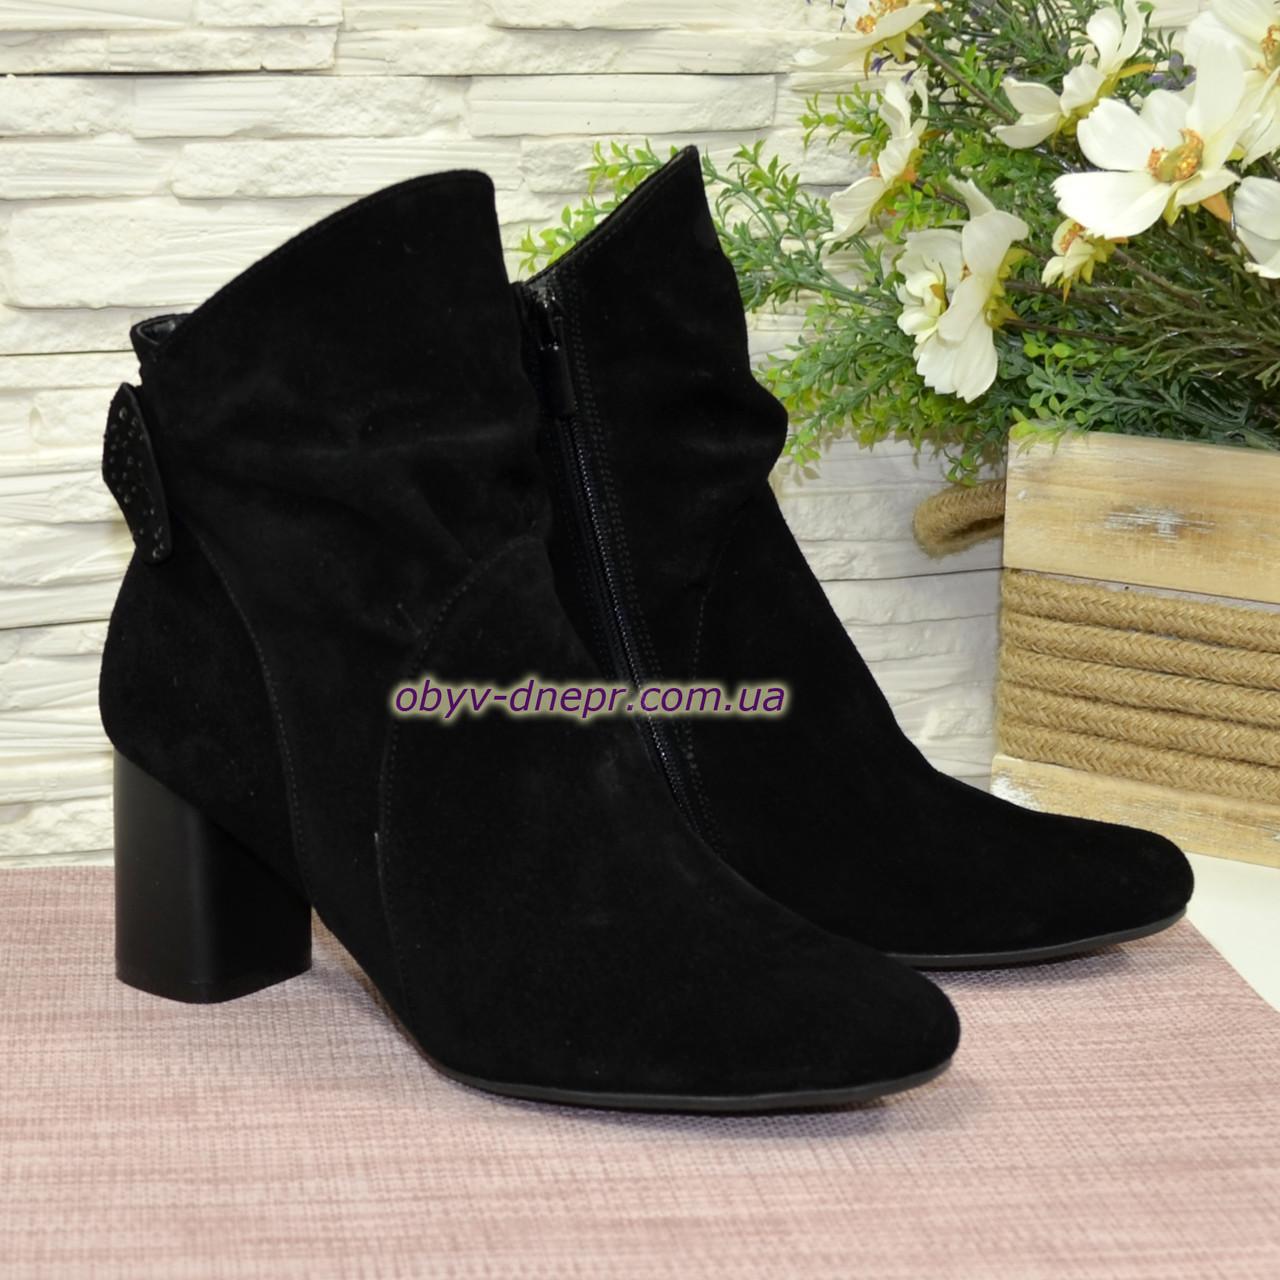 Стильные женские замшевые зимние ботинки, декорированы стразами.